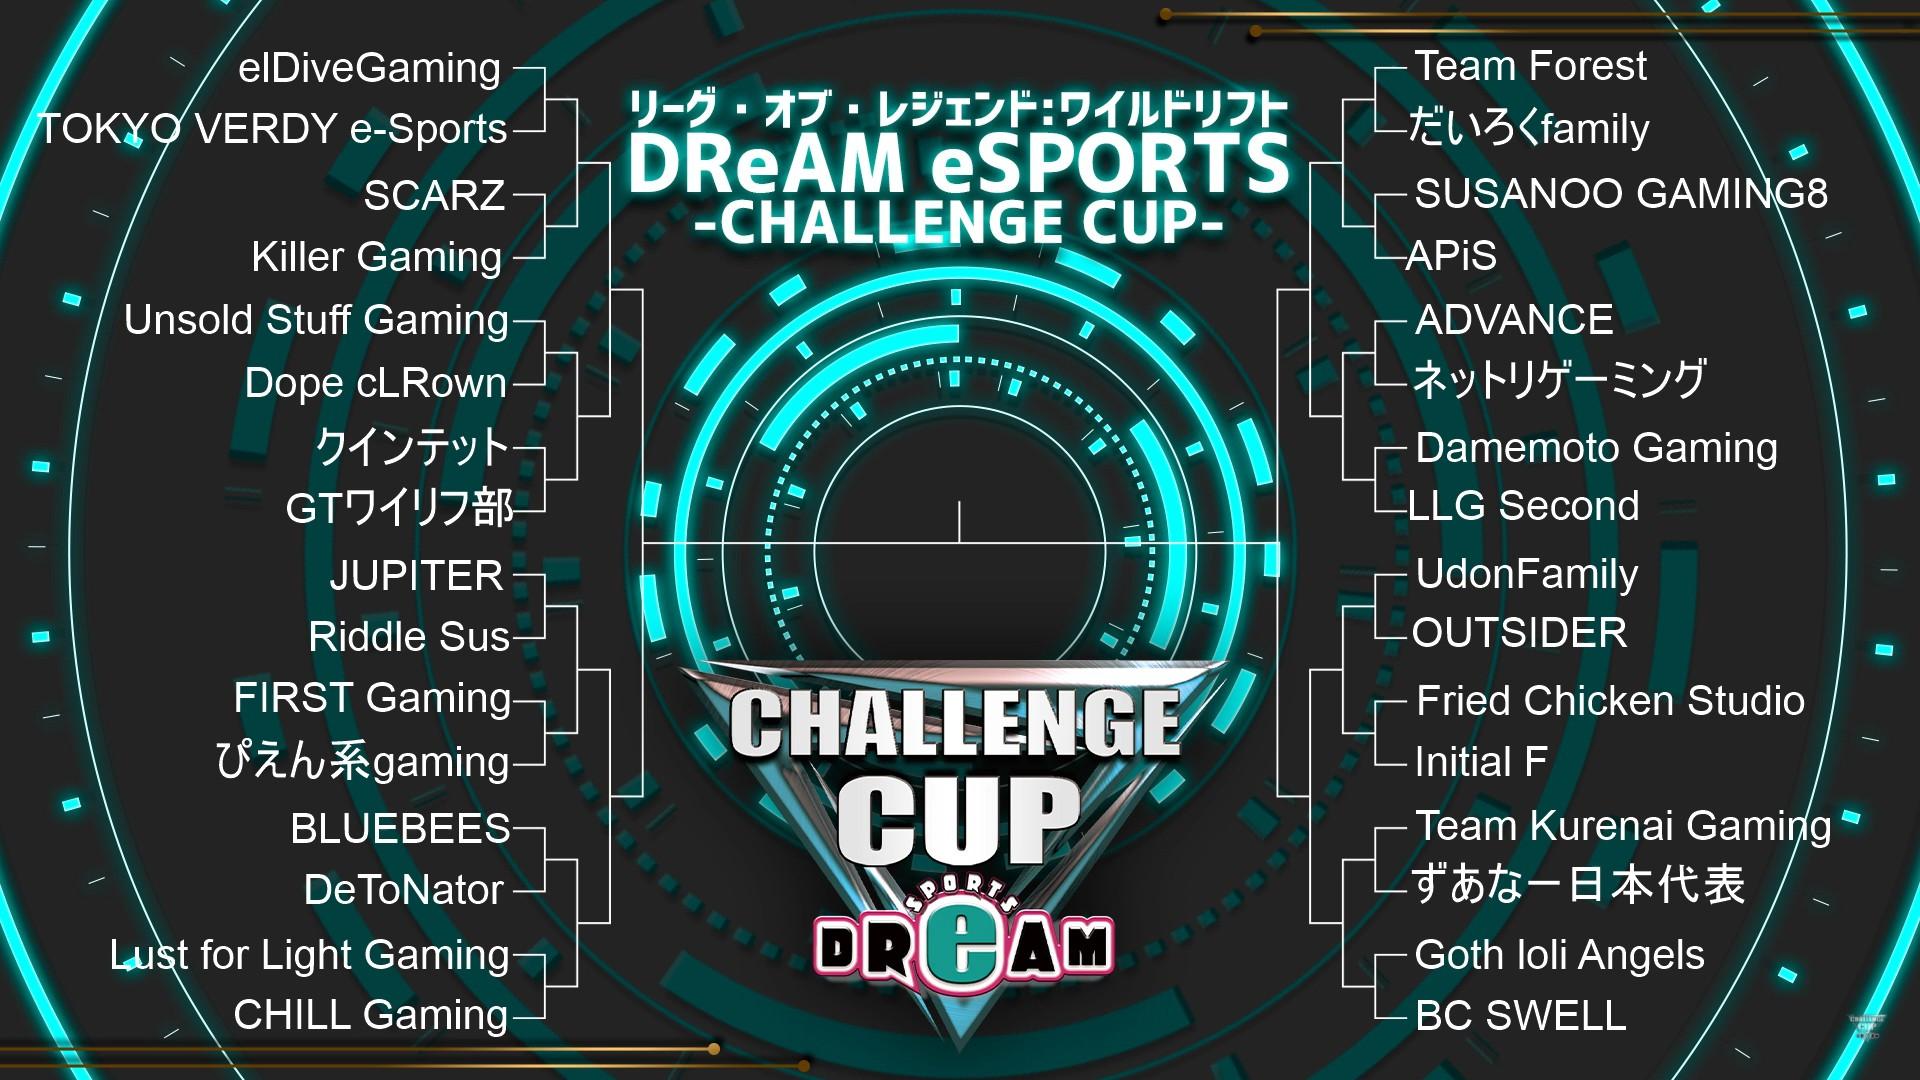 【 ワイルドリフト部門 】『リーグ・オブ・レジェンド:ワイルドリフト DReAM eSPORTS CHALLENGE CUP』出場